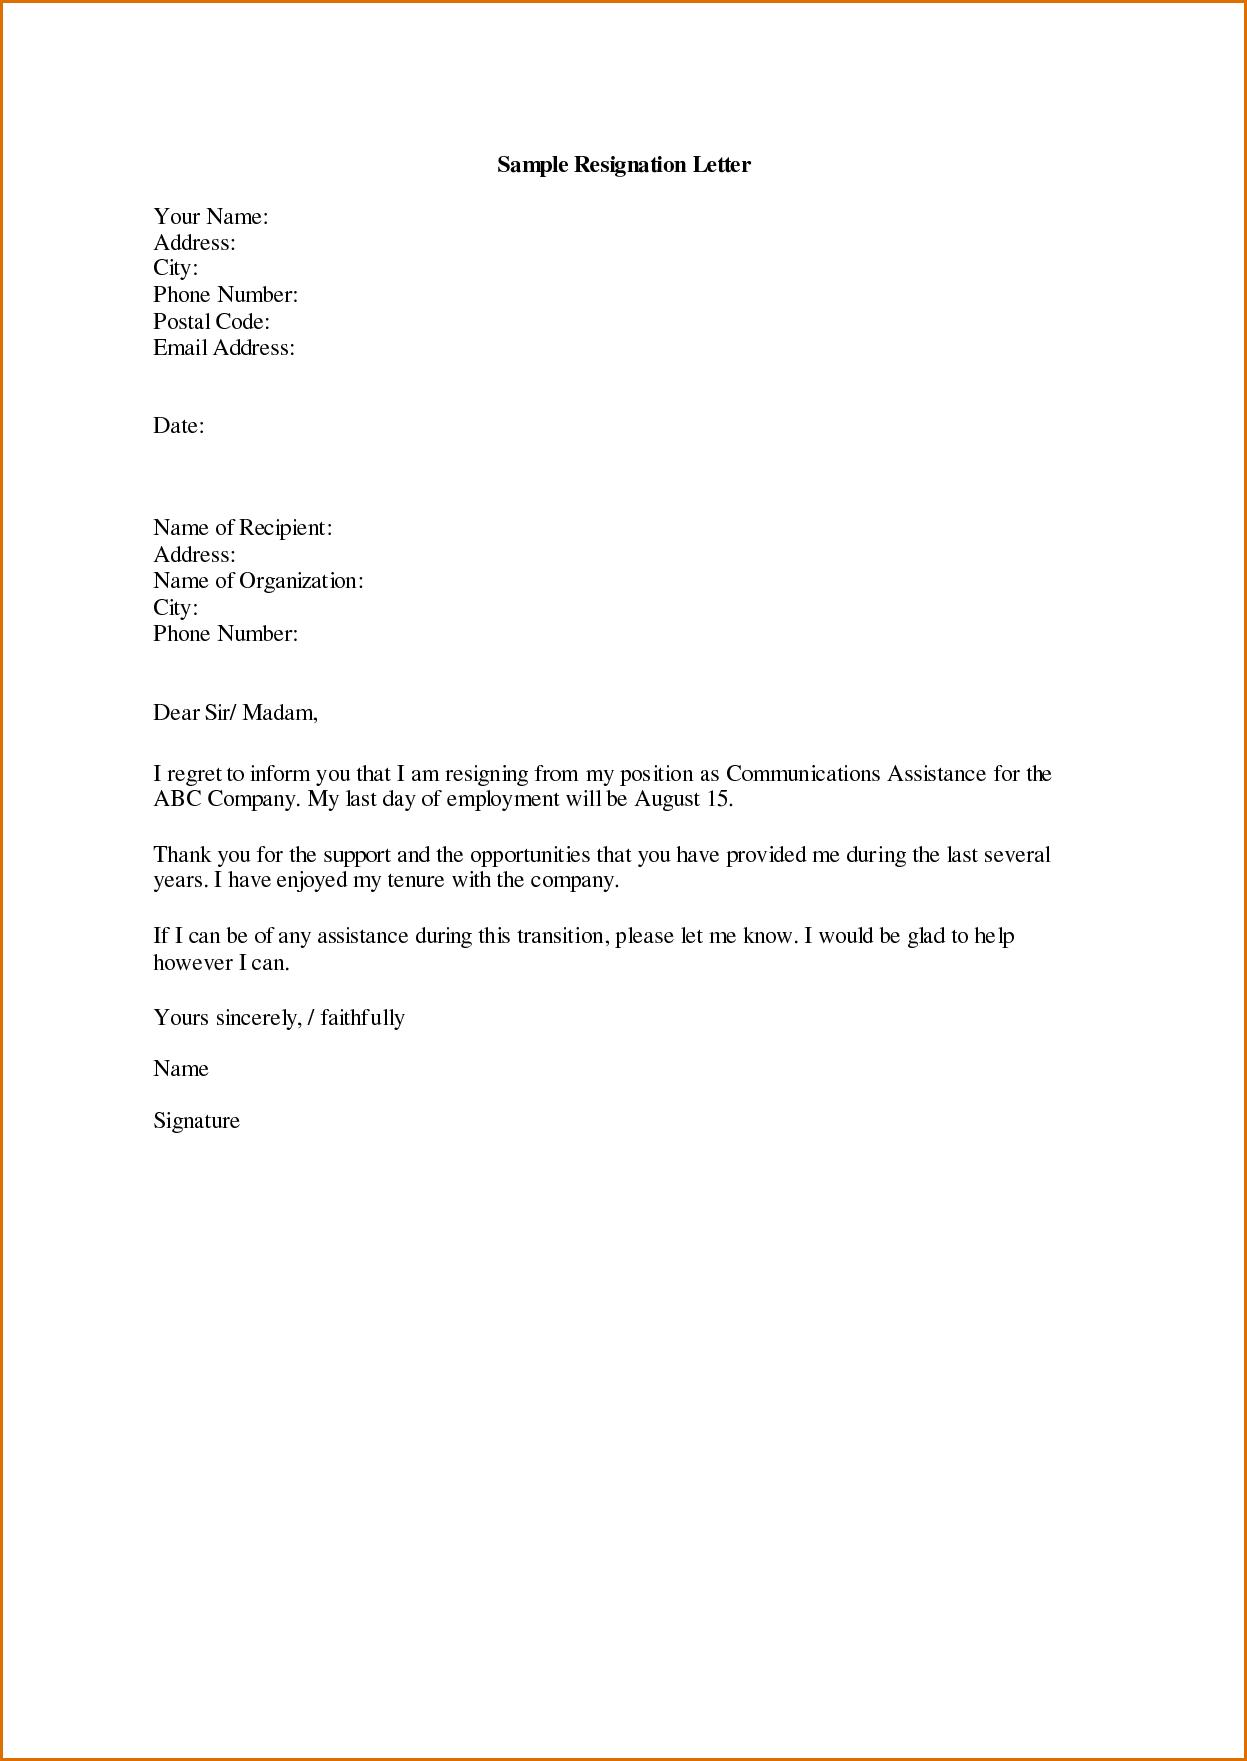 Letter Of Resignation Teacher Template - Sample Displaying 16 Images for Letter Of Resignation Sample toolbar